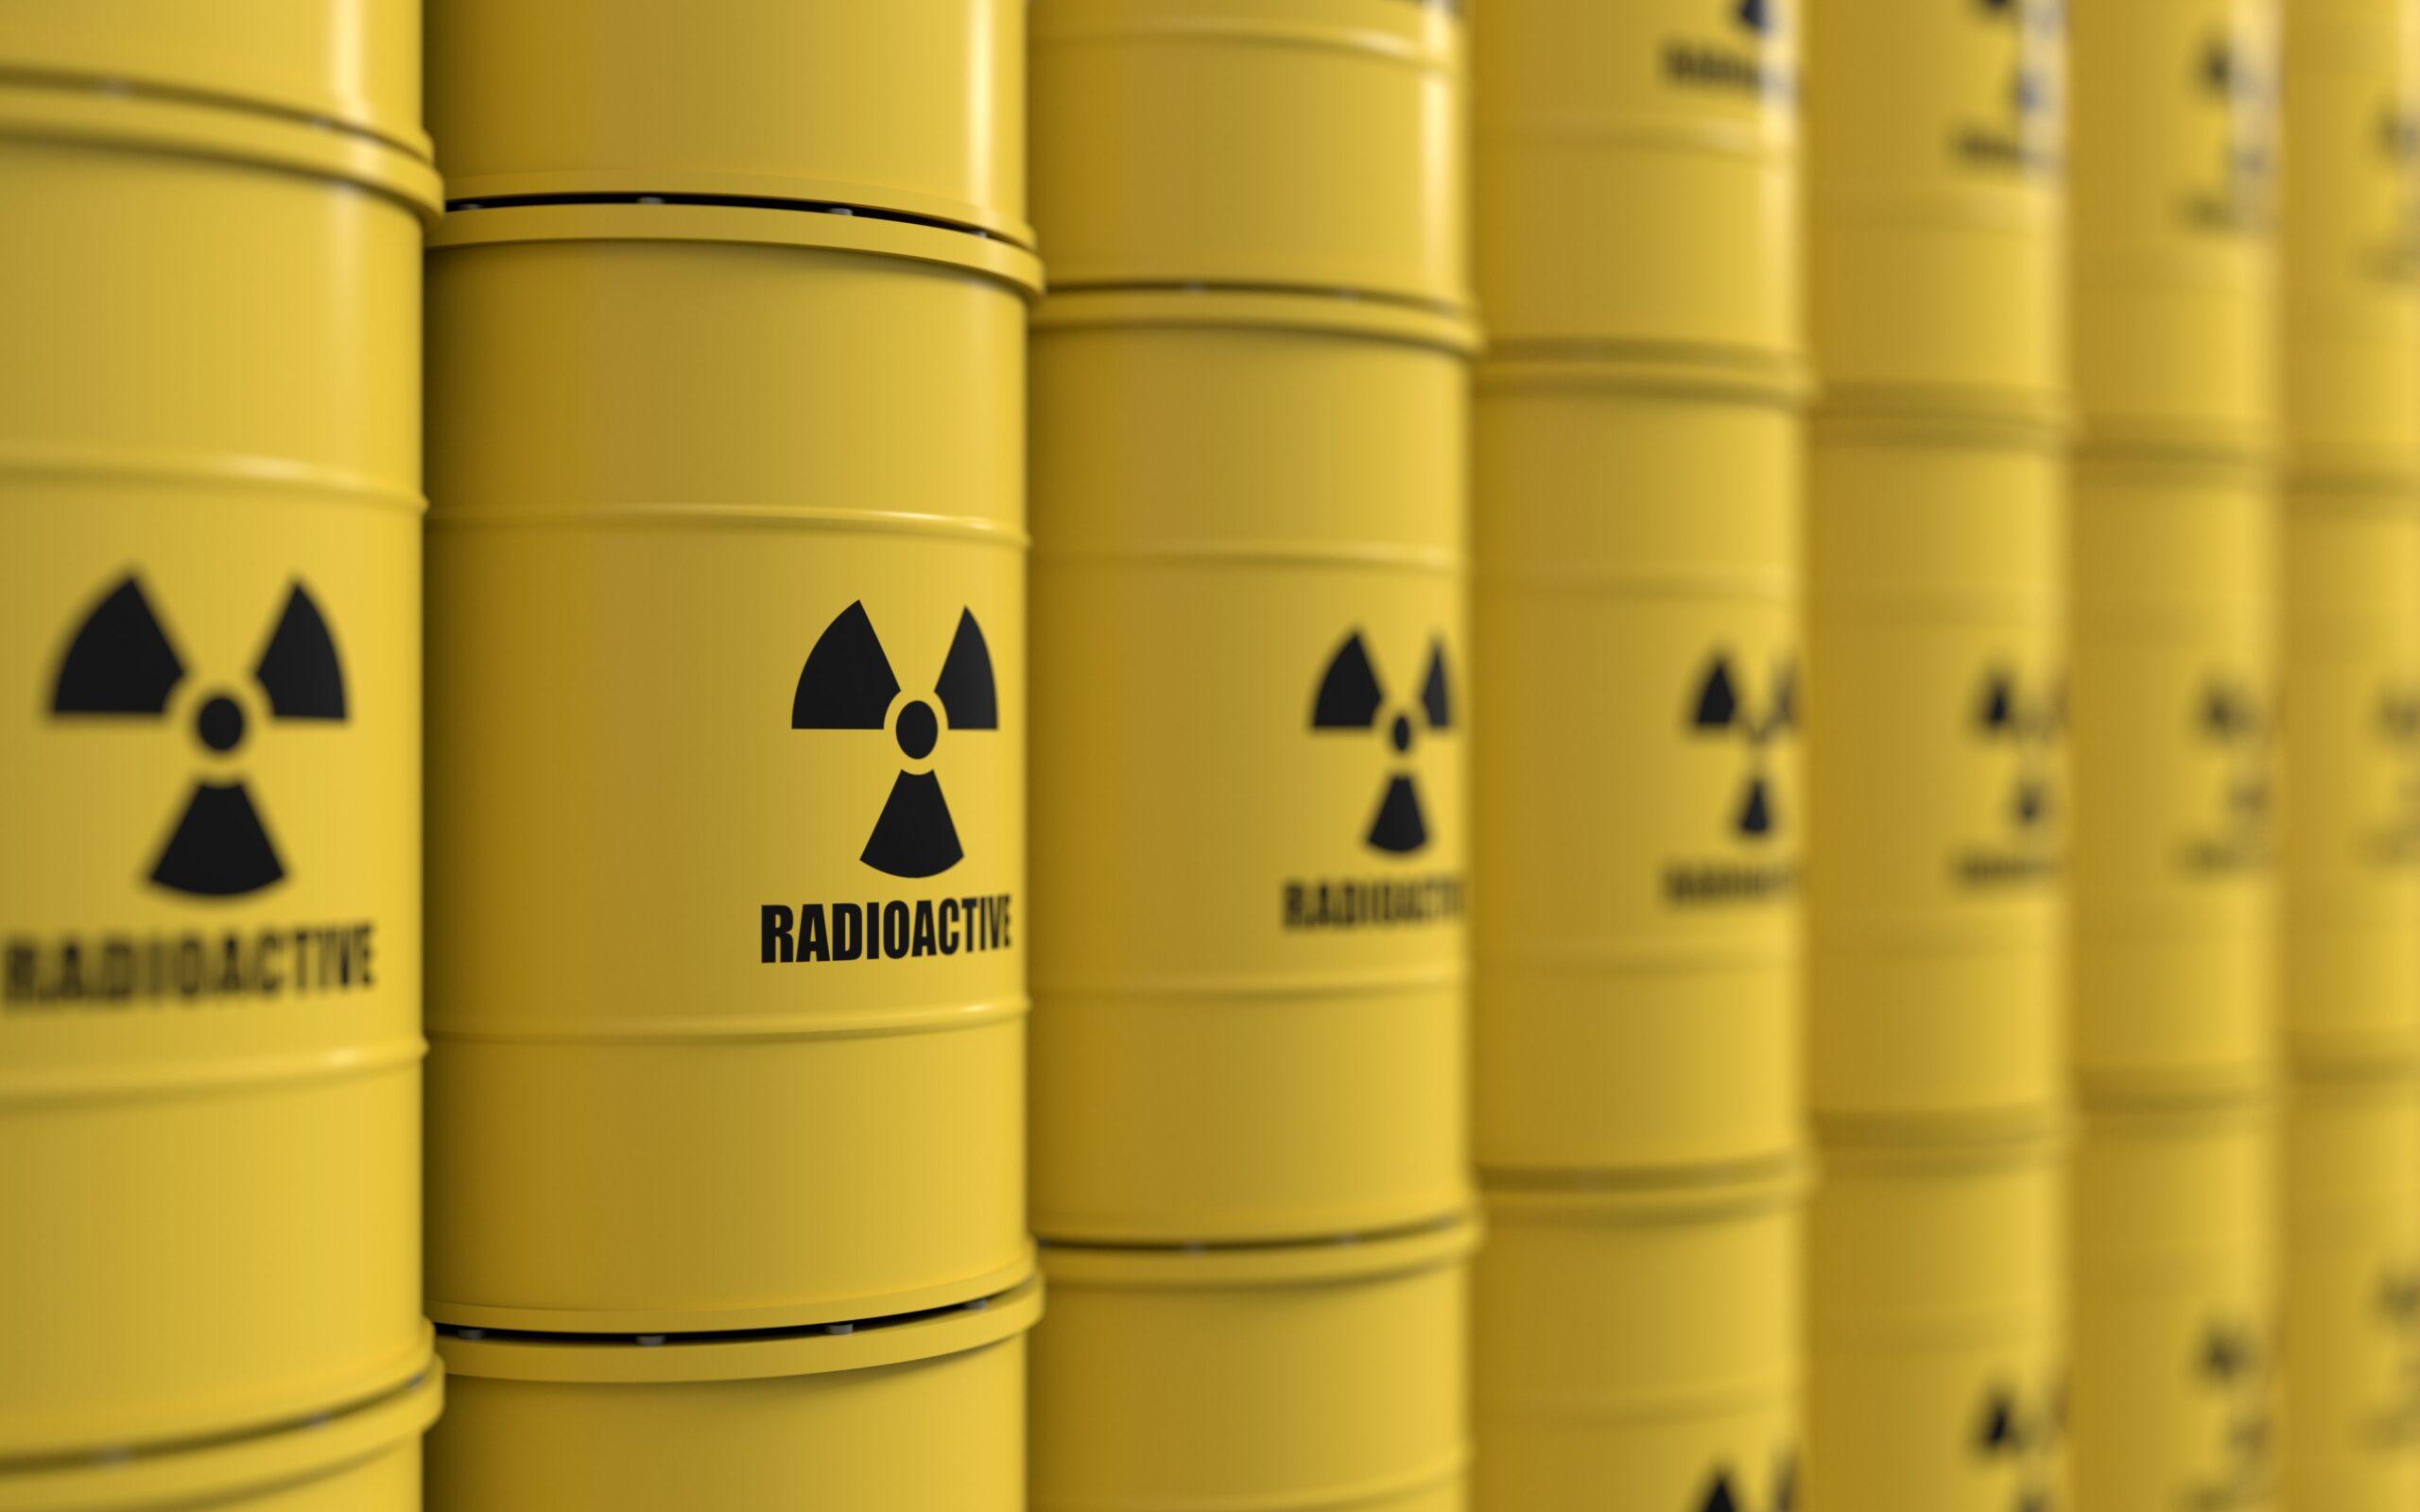 Abbiamo già dato! BCsicilia contraria allo stoccaggio di scorie radioattive nell'Isola.